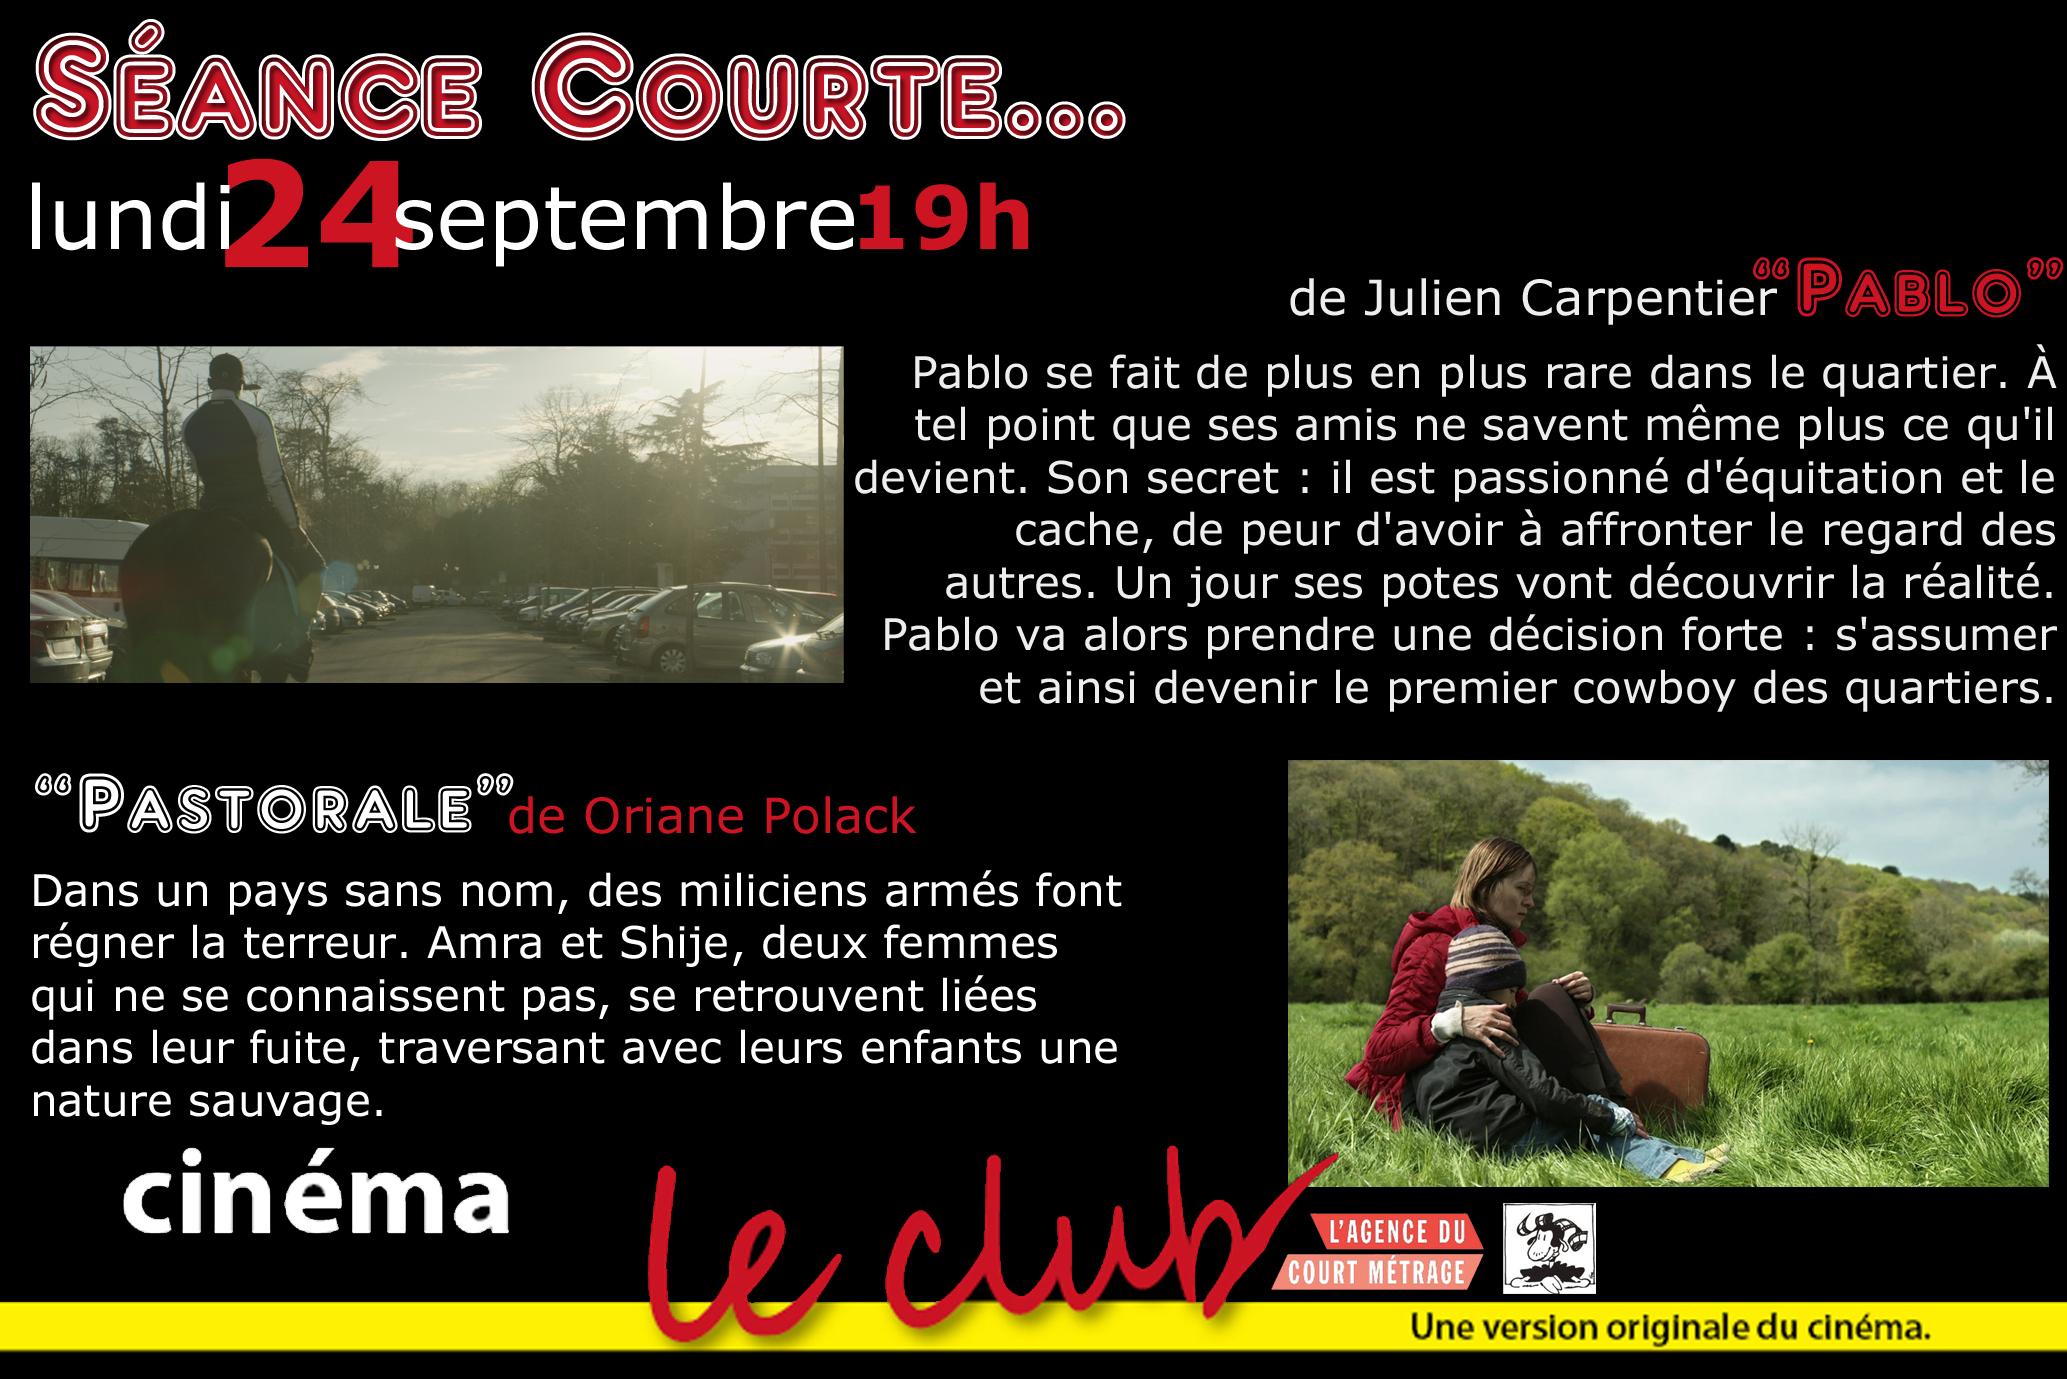 Cinéma Club Le Et Art Essaigt; N80mnvw